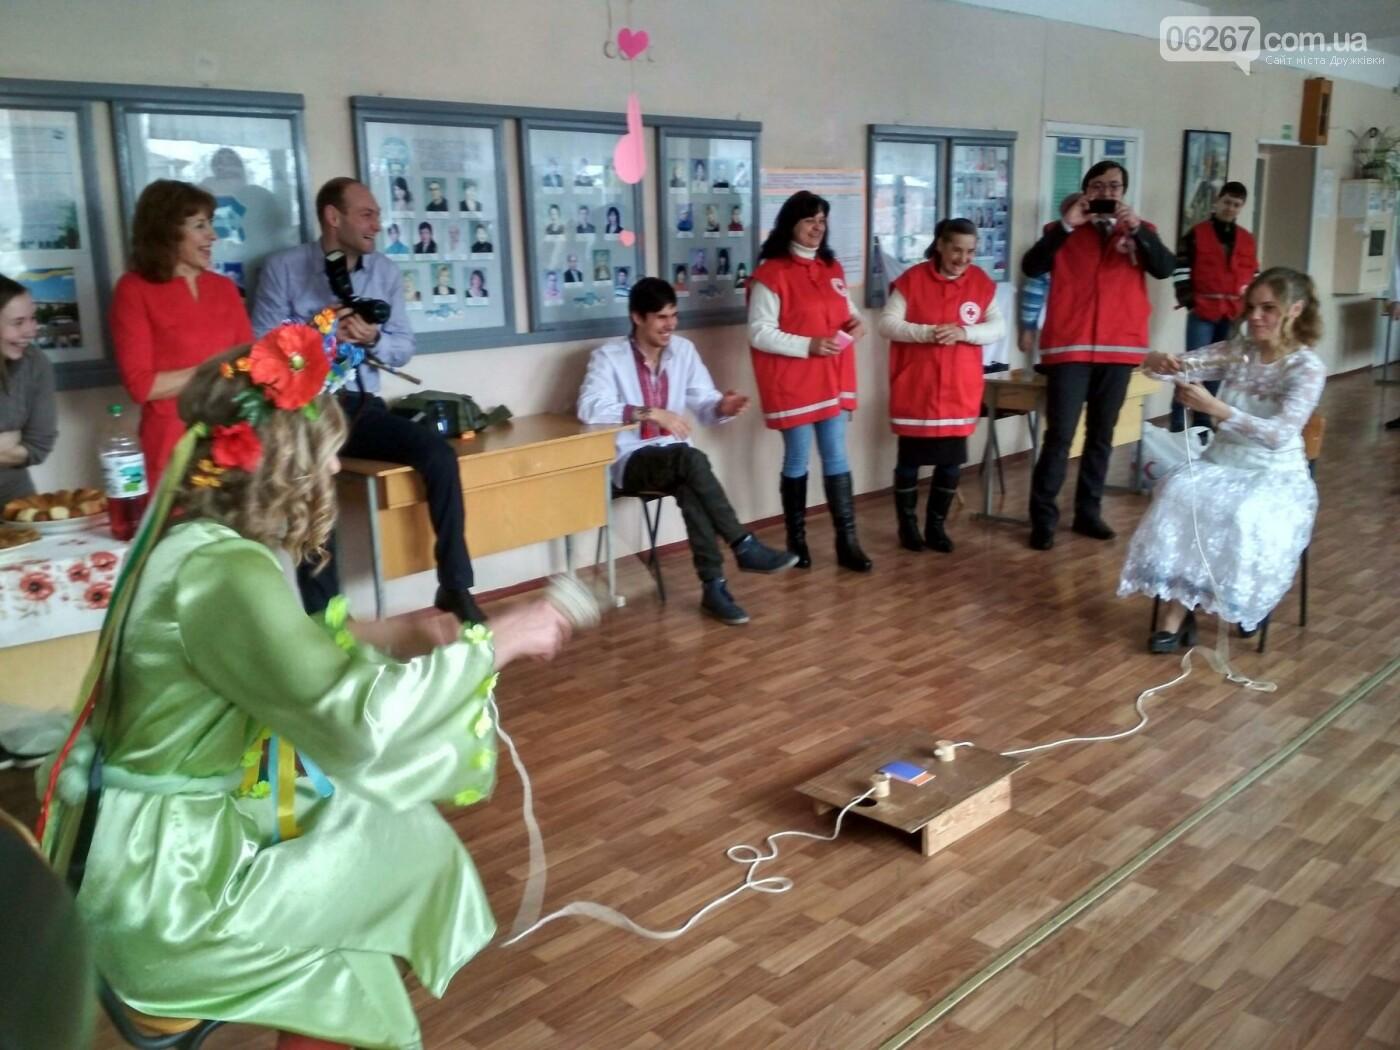 Студенты-строители в Дружковке отпраздновали Масленицу вместе с представителями Общества Красного Креста , фото-1